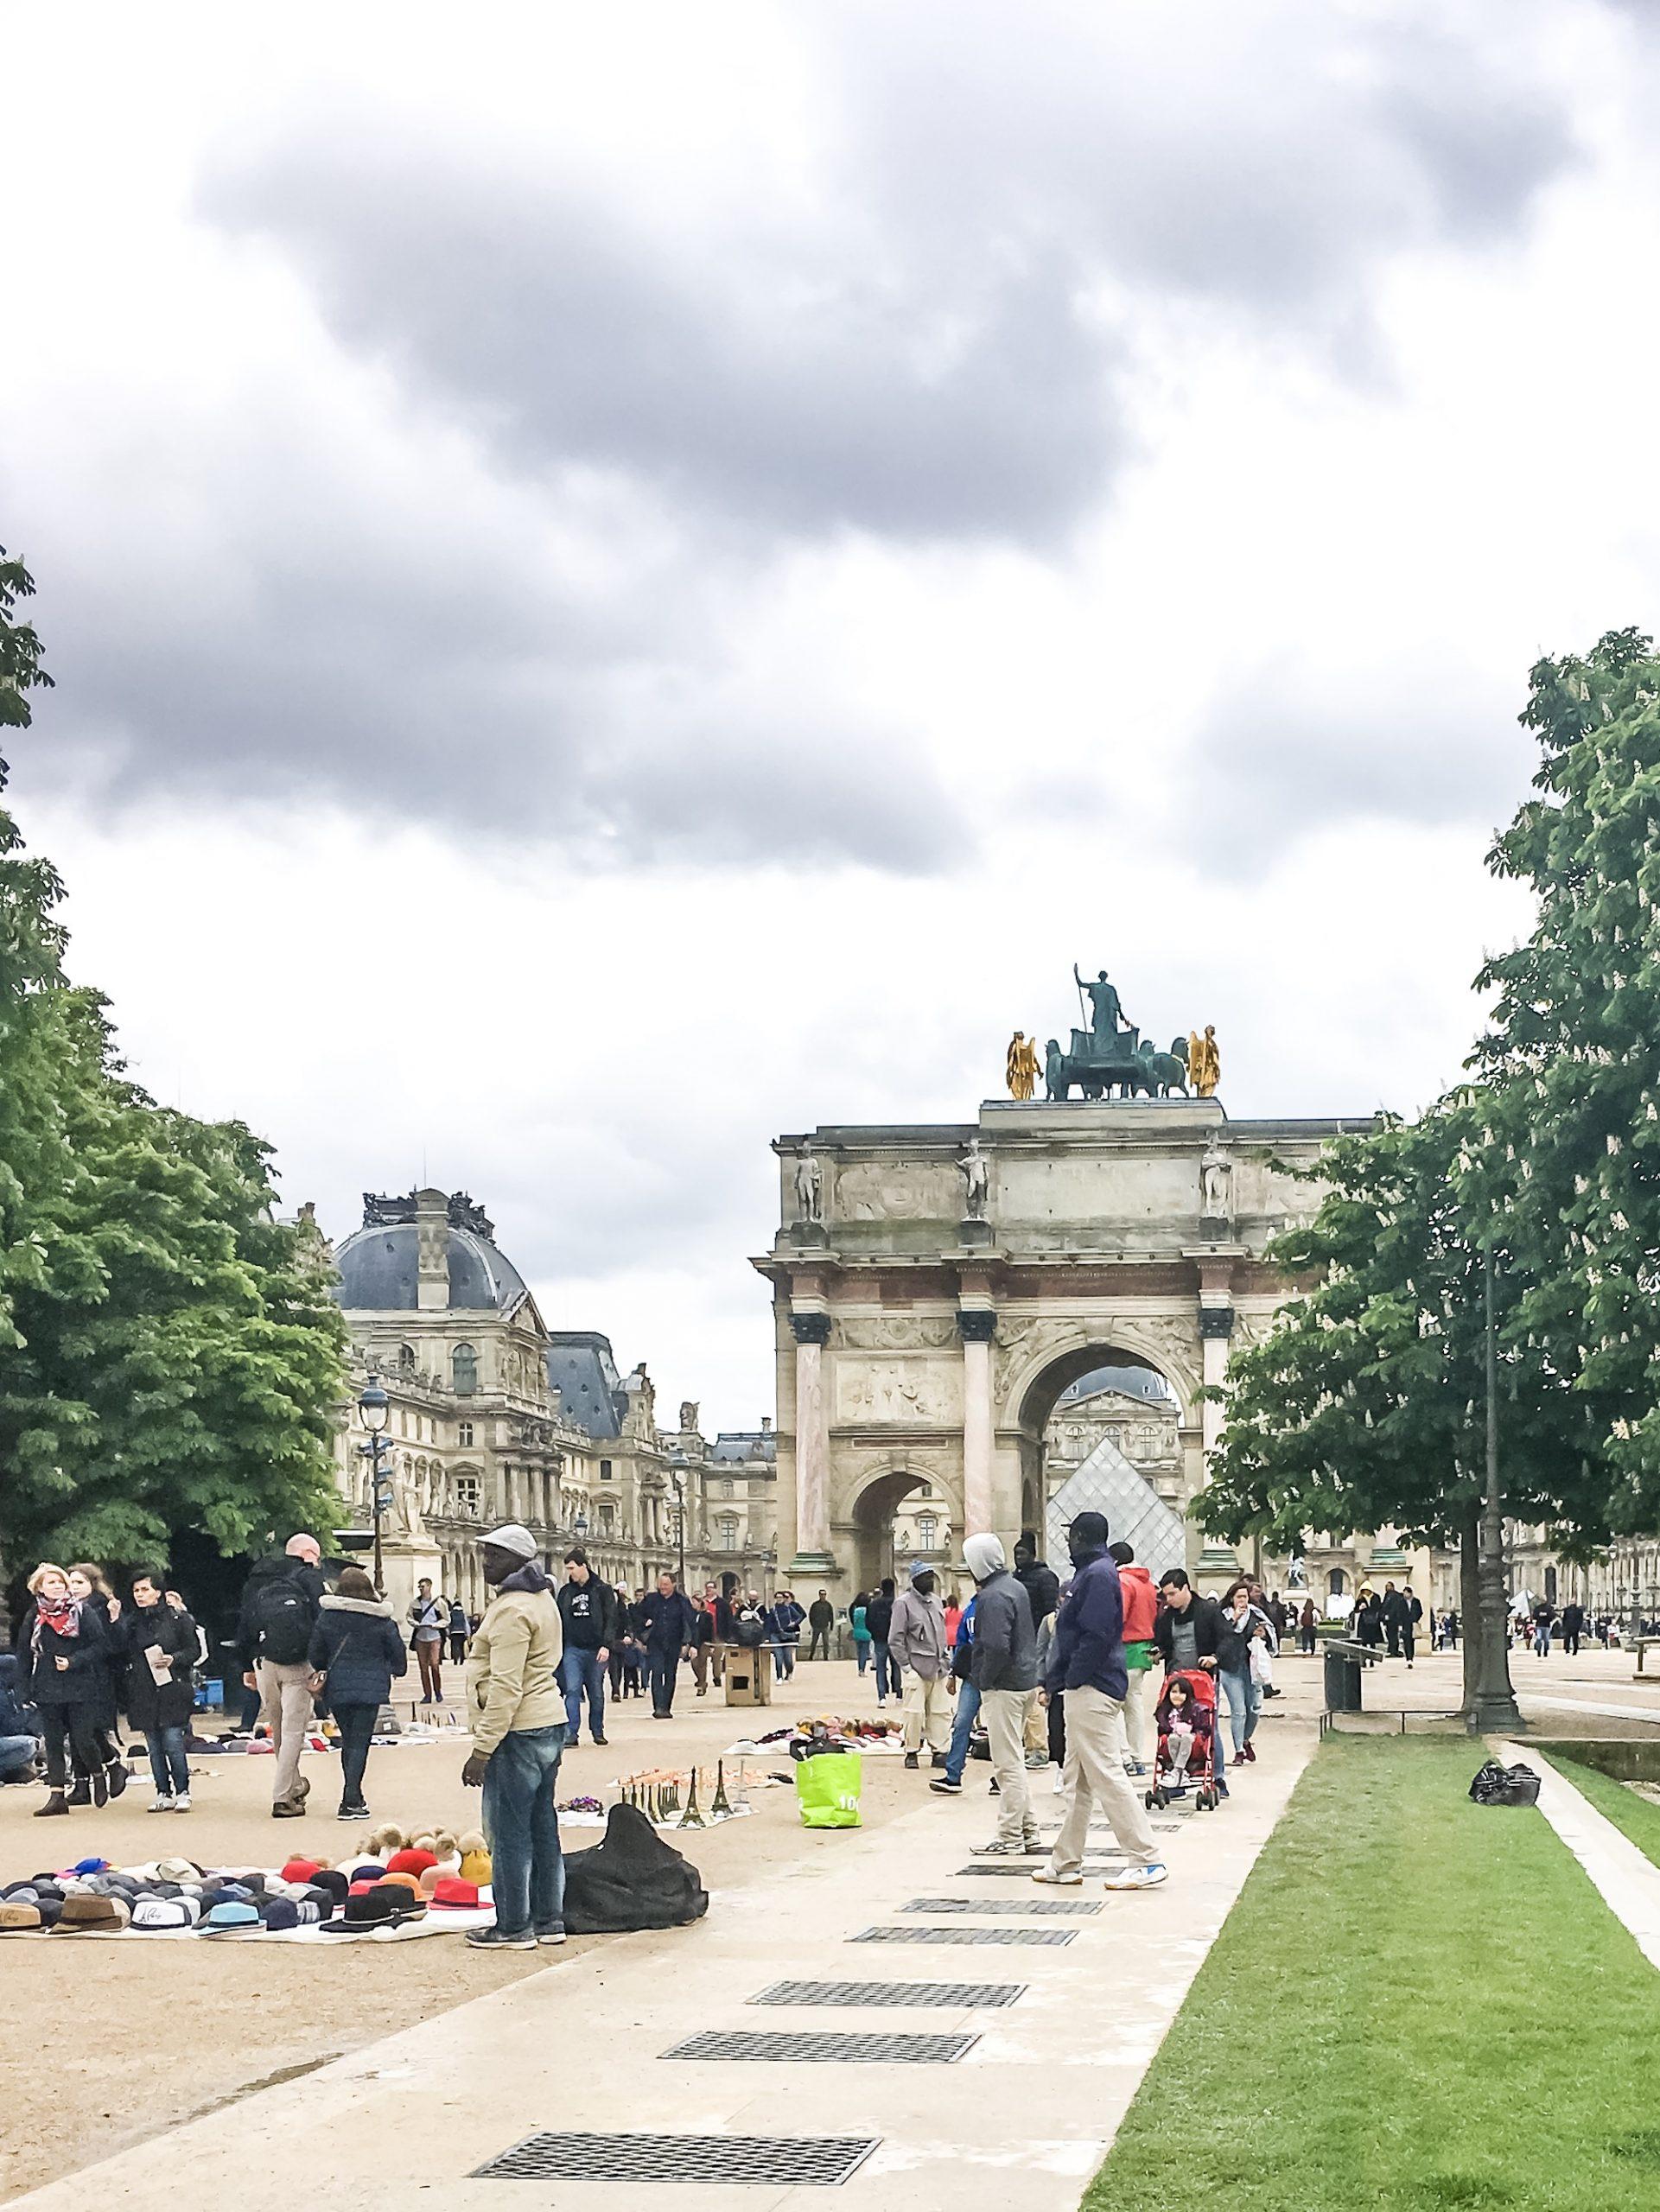 ZWIEDZAMY PARYZ HOW TO VISIT PARISWYTRWALOSC MOTYWACJA